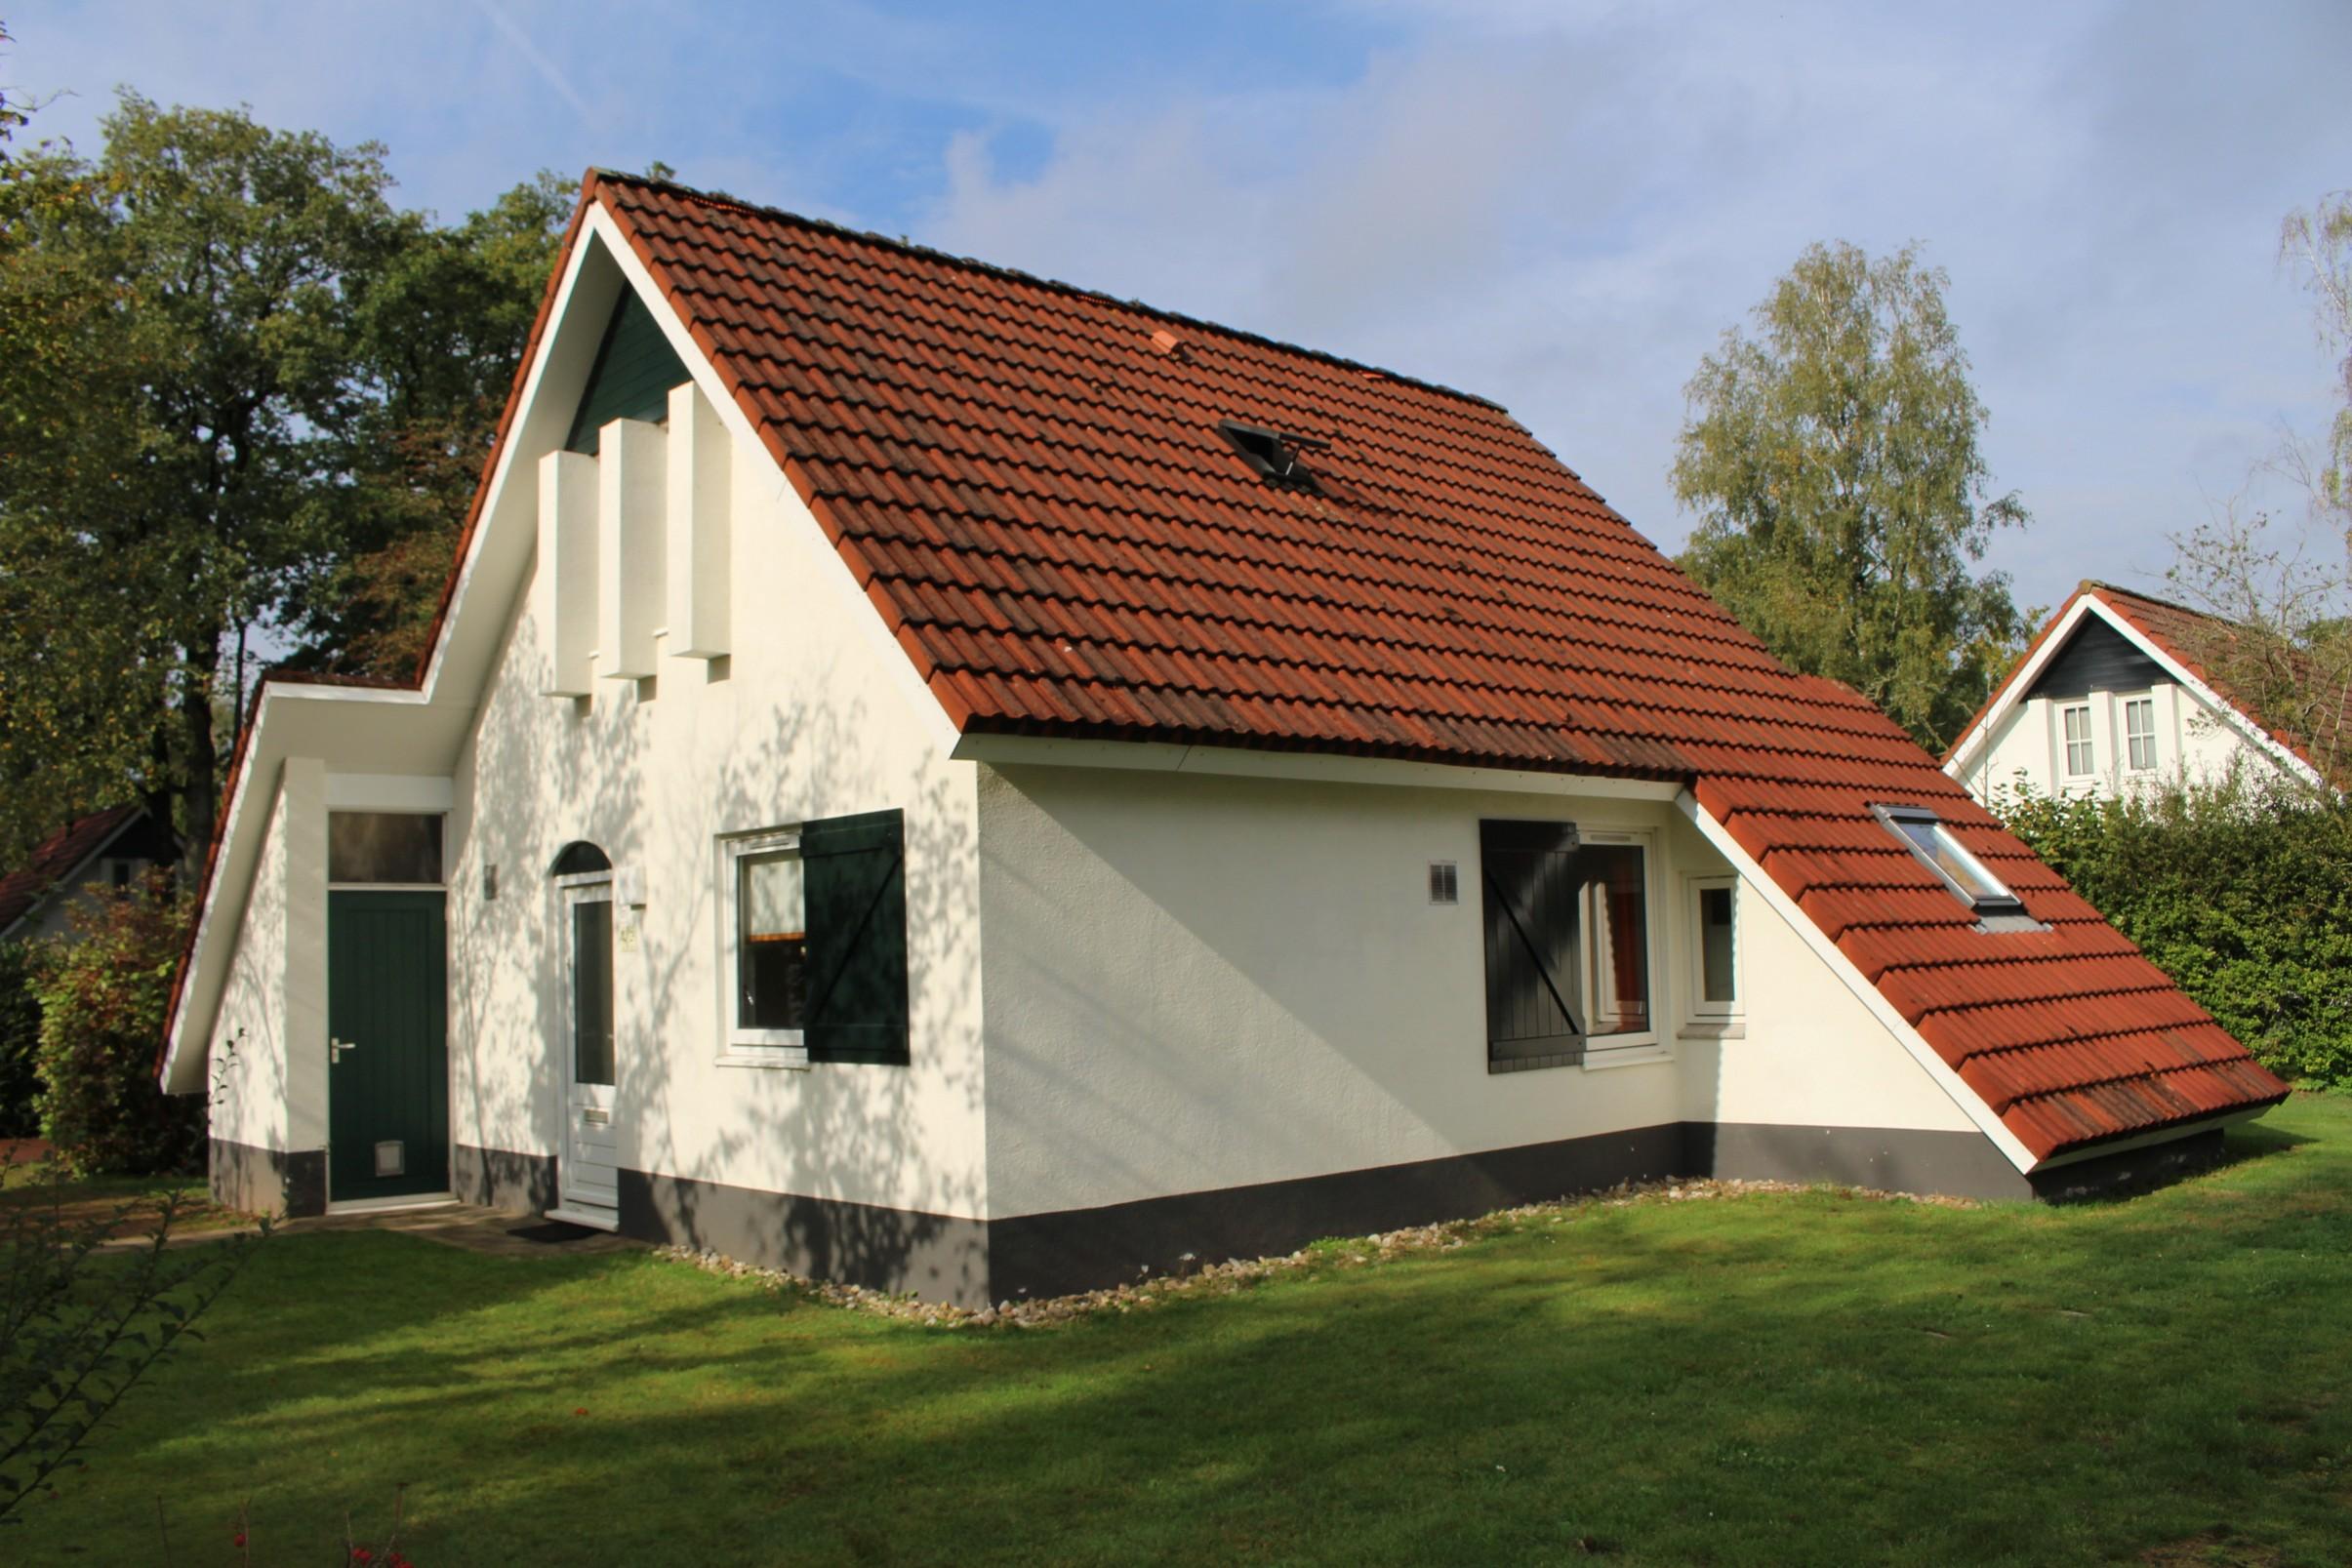 1. Landal Landgoed De Elsgraven recreatiewoning 37 - 6-persoons